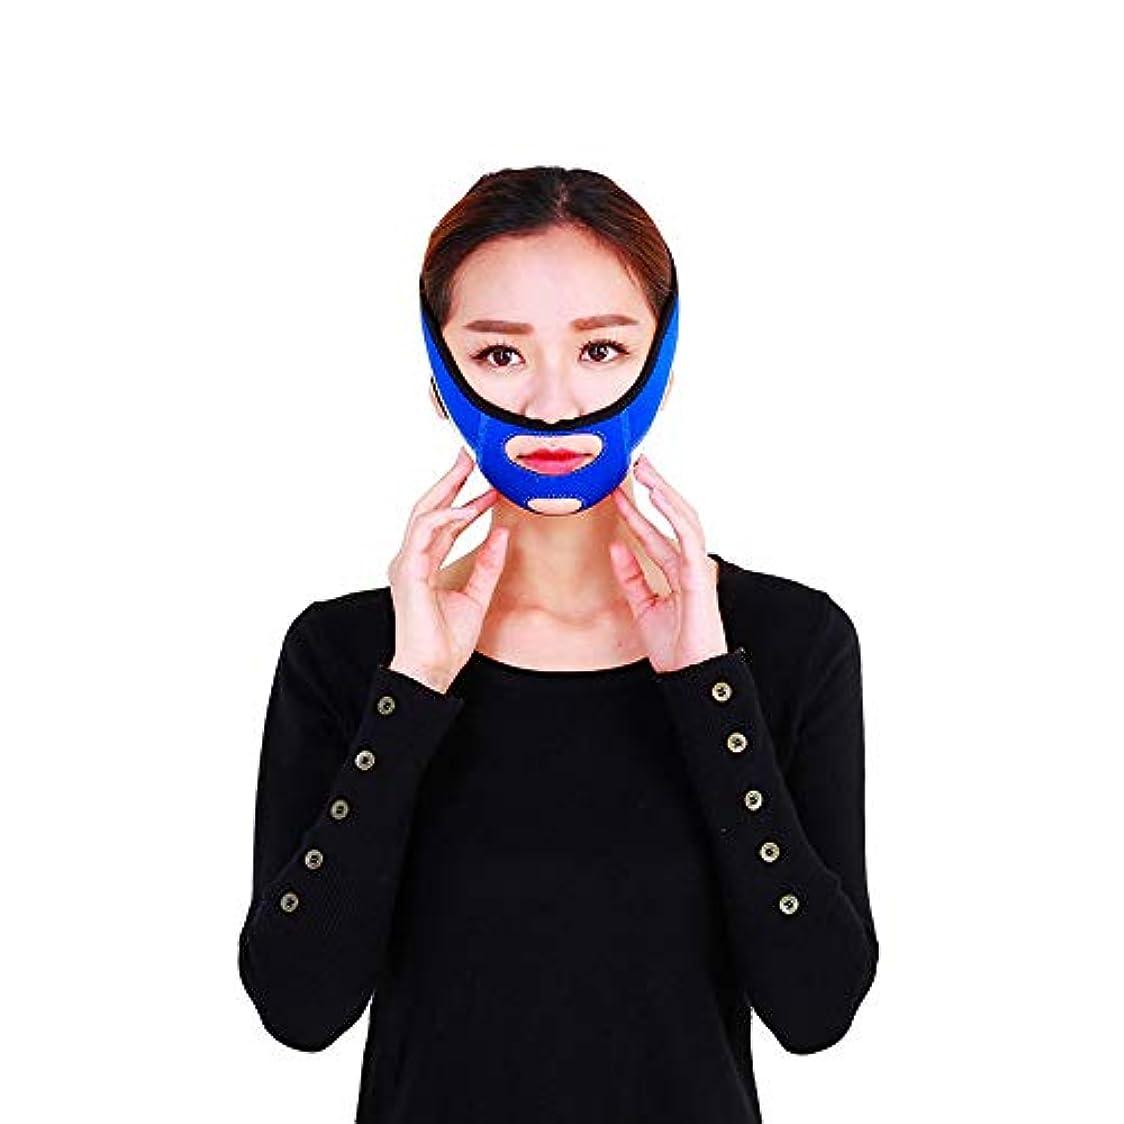 体操選手フォーム入力Jia Jia- フェイシャルリフティング痩身ベルトフェーススリム二重あごを取り除くアンチエイジングリンクルフェイス包帯マスク整形マスクが顔を引き締める 顔面包帯